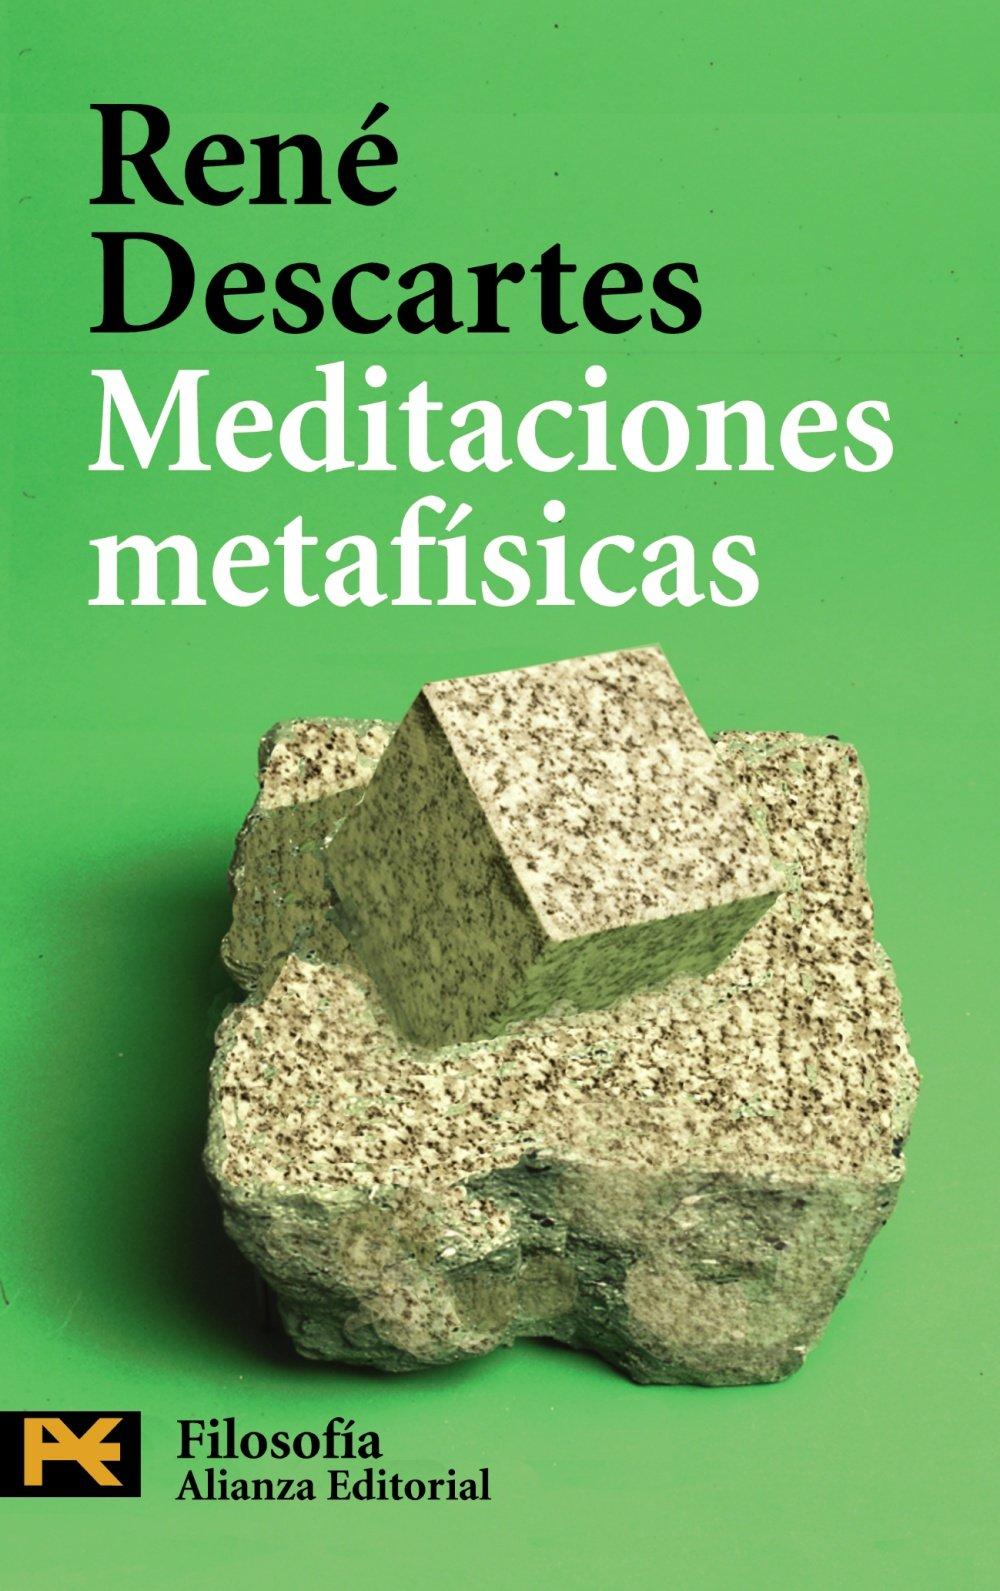 Meditaciones metafísicas (El Libro De Bolsillo - Filosofía) (Spanish  Edition): Descartes, Zozaya, Antonio, Díaz Álvarez, Jesús Manuel:  9788420659862: Amazon.com: Books